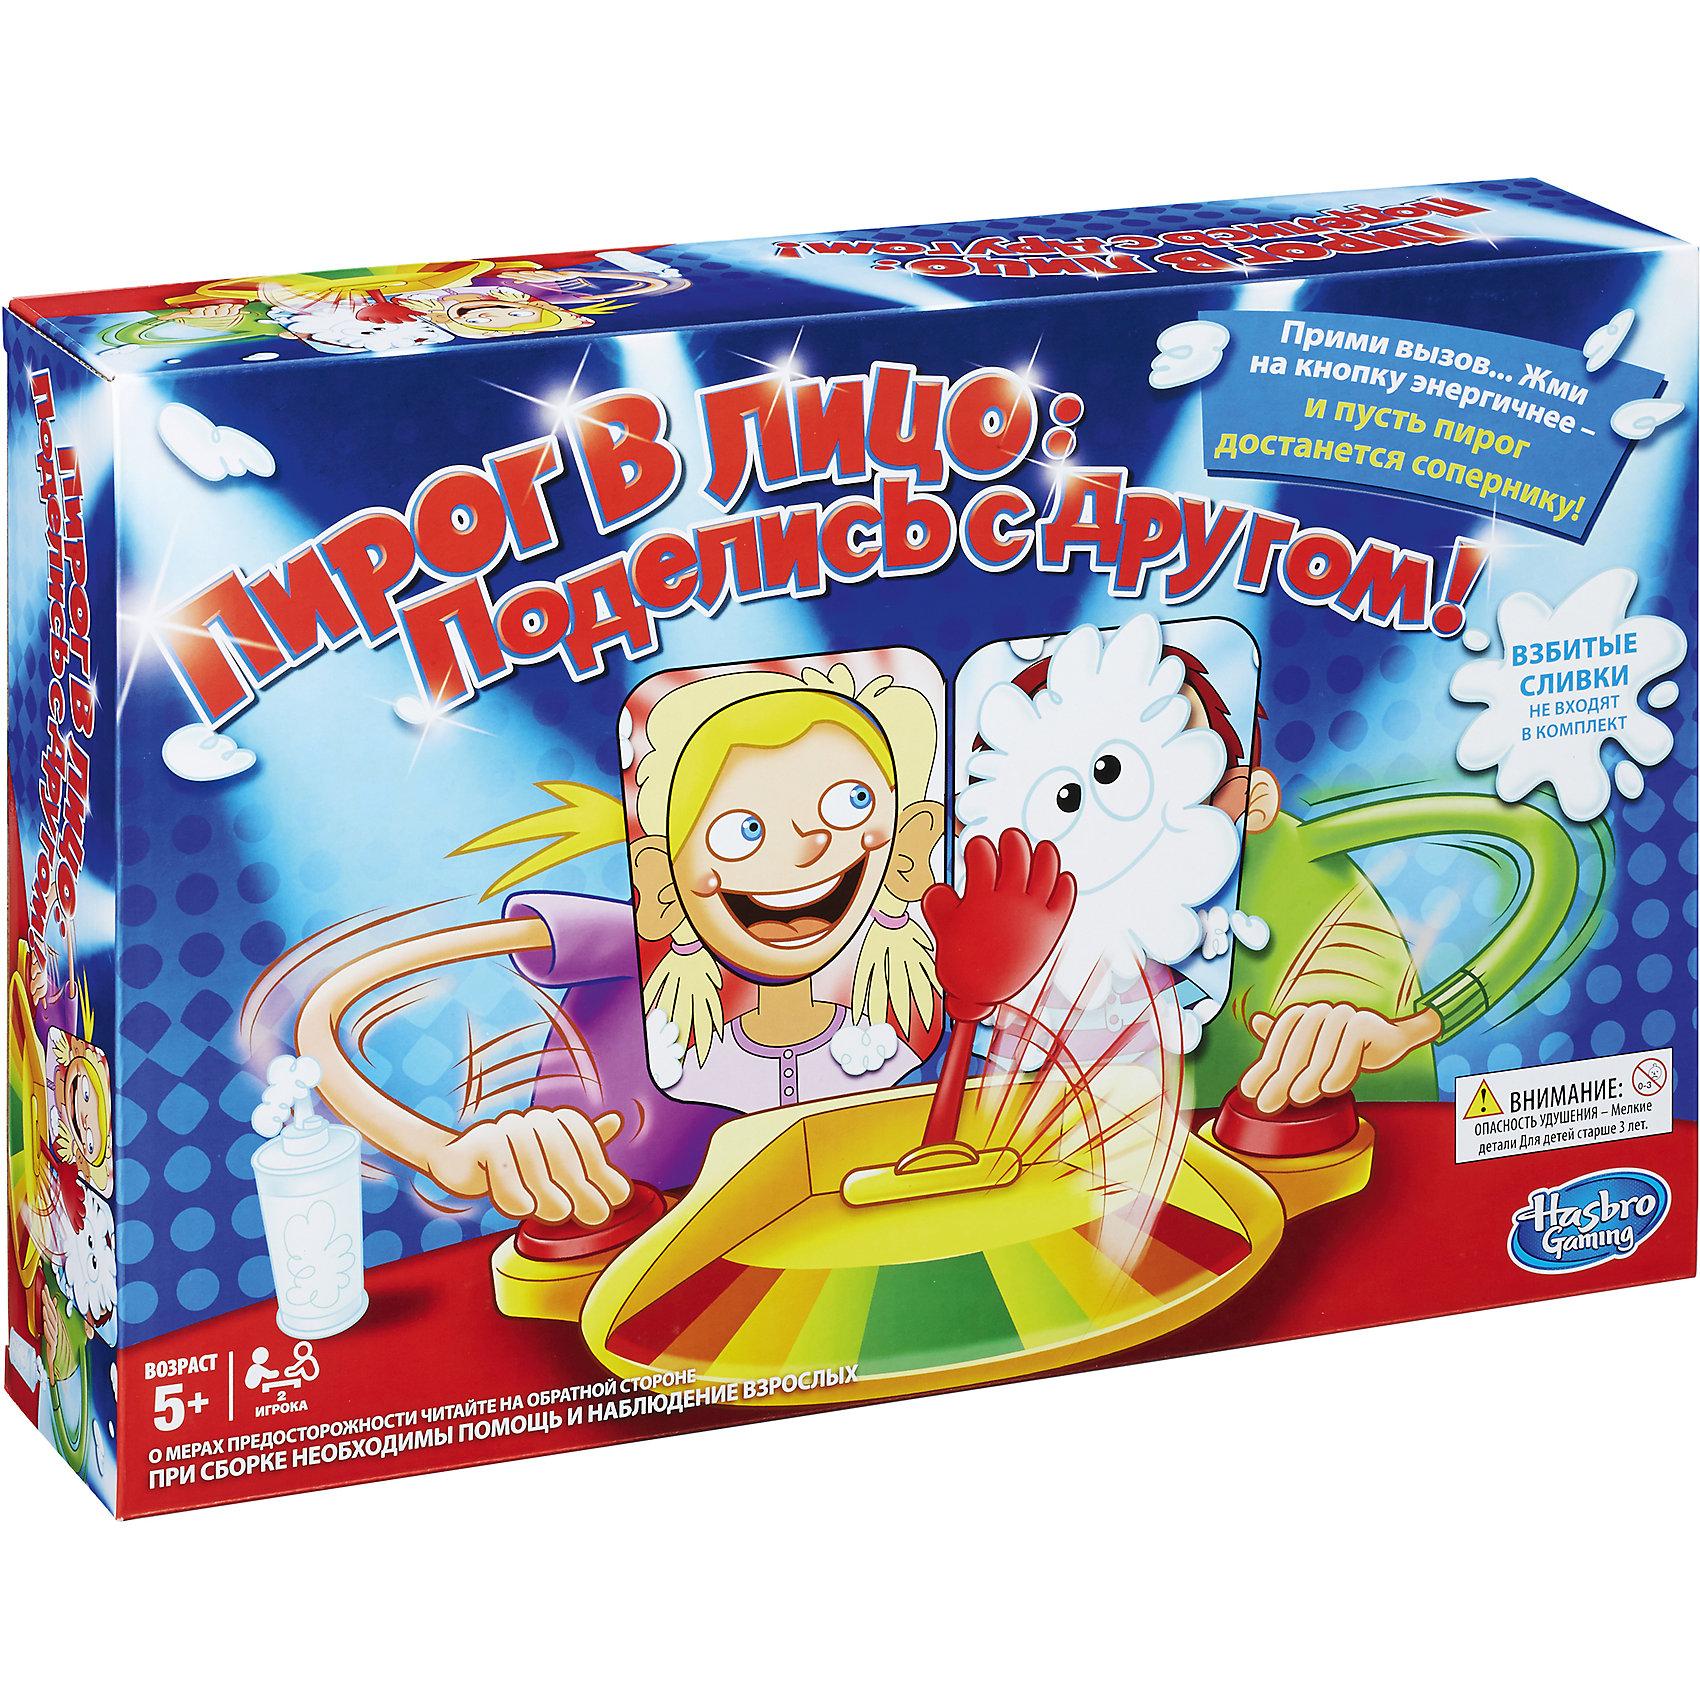 Игра Пирог в лицо (2 участника), HasbroИгры для развлечений<br>Игра Пирог в лицо (2 участника), Hasbro<br><br>Характеристики:<br><br>- в набор входит: игра, губка, инструкция <br>- количество игроков: 2<br>- состав: пластик, картон<br>- размер упаковки: 40 * 8 * 27 см.<br>- вес: 800 гр.<br>- для детей в возрасте: от 5 до 12 лет<br>- Страна производитель: Китай<br><br>Знаменитая настольная игра Пирог в лицо от известного американского бренда товаров для детей Hasbro (Хасбро) приведет ребят в восторг! Небольшая подставка со встроенной легкой катапультой оснащена двумя кнопками, на которые нажимают игроки как можно быстрее, ведь кто больше и быстрее раз нажмет на красную кнопку, тот сможет избежать пирога из катапульты! Цветной индикатор подскажет, кто ближе всего к победе. Две рамки в виде очертаний девочки и мальчика включены в набор, они вставляются с фиксаторами для подбородков в главную подставку. Детали изготовлены из высококачественного пластика и позволяют легко смывать пирог, рамки защищают одежду детей. В качестве пирога рекомендуется использовать взбитые сливки (в набор не входят). <br><br>Легкая, веселая и необычная игра станет отличным развлечением на празднике или в обычный вечер. Примите опасный вызов пирога! Игра развивает моторику рук, реакцию и воображение.<br><br>Игру Пирог в лицо (2 участника), Hasbro можно купить в нашем интернет-магазине.<br><br>Ширина мм: 81<br>Глубина мм: 400<br>Высота мм: 267<br>Вес г: 1067<br>Возраст от месяцев: 60<br>Возраст до месяцев: 120<br>Пол: Унисекс<br>Возраст: Детский<br>SKU: 5385705